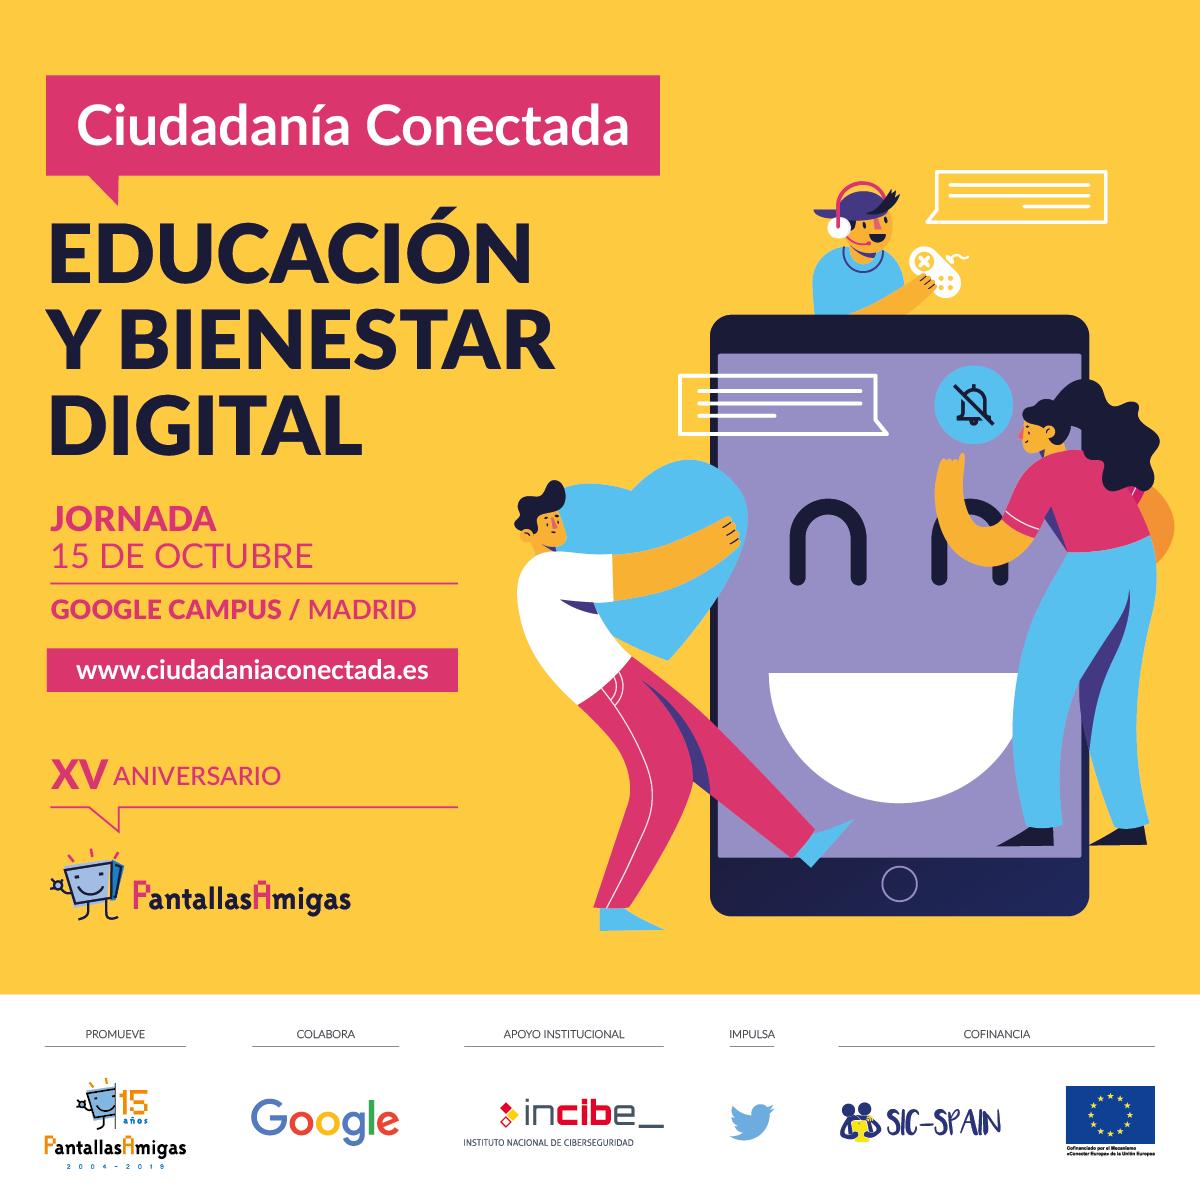 Jornada-Ciudadanía-Conectada-2019-EDUCACIÓN Y BIENESTAR DIGITAL